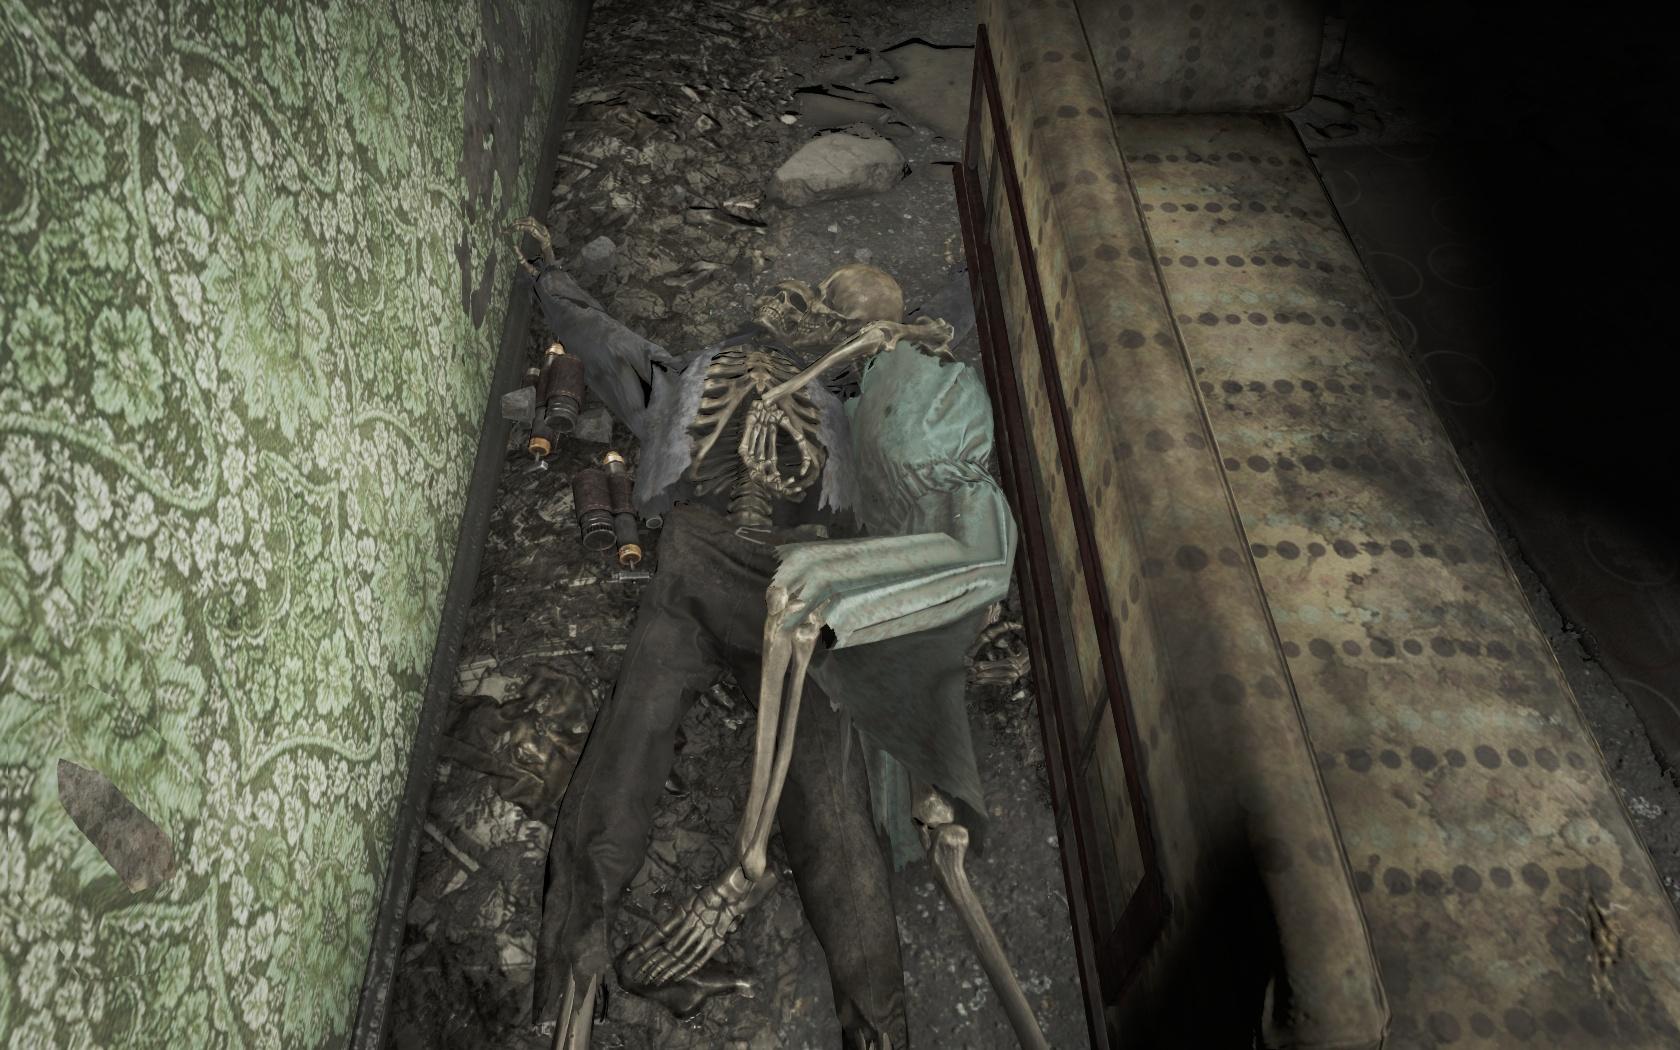 Парочка с большим запасом Психо (Психиатрическая больница Парсонс).jpg - Fallout 4 больница, Парсонс, Психиатрическая больница Парсонс, психо